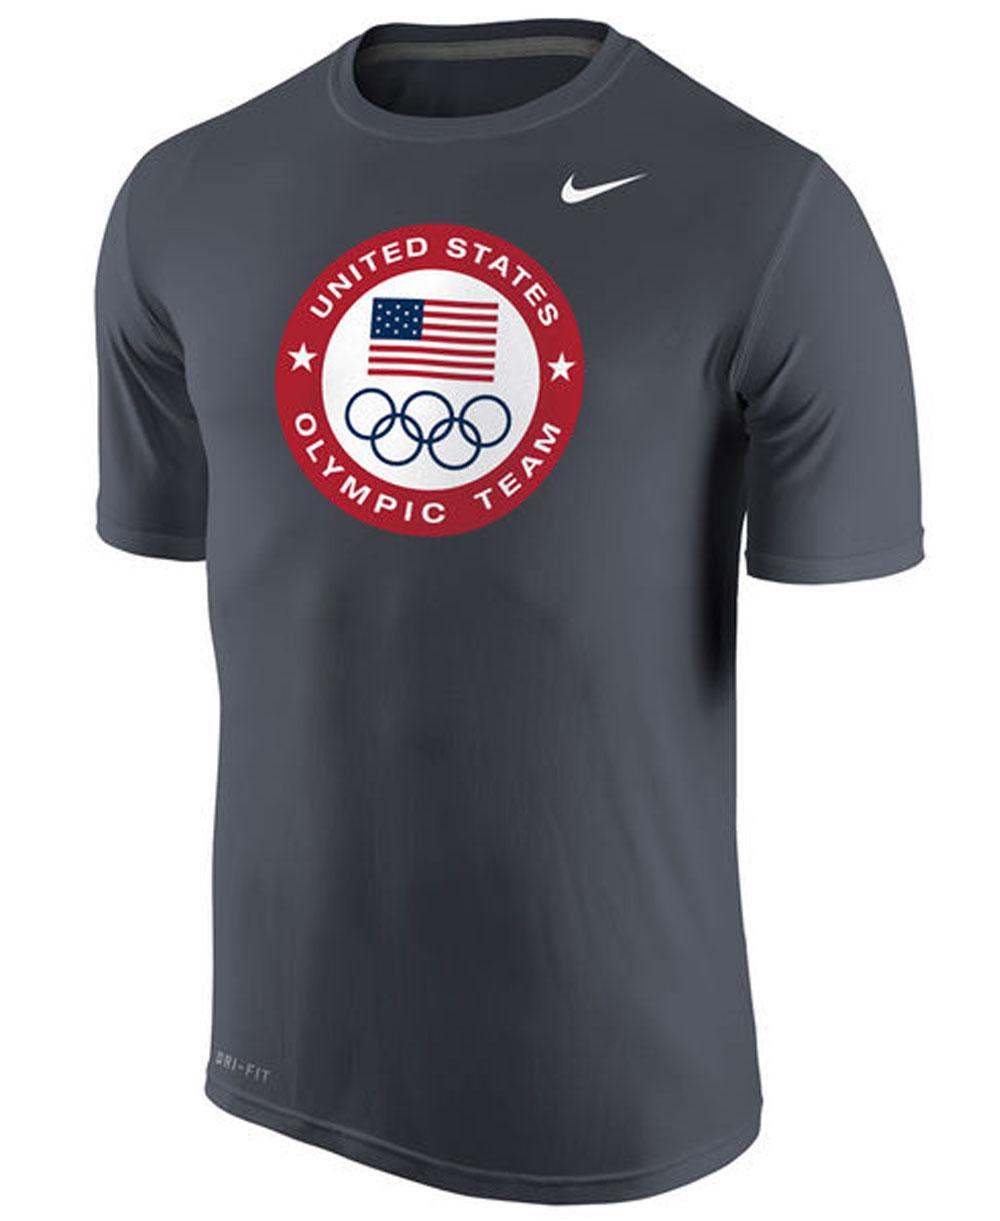 Team USA Olympic Logo Camiseta para Hombre